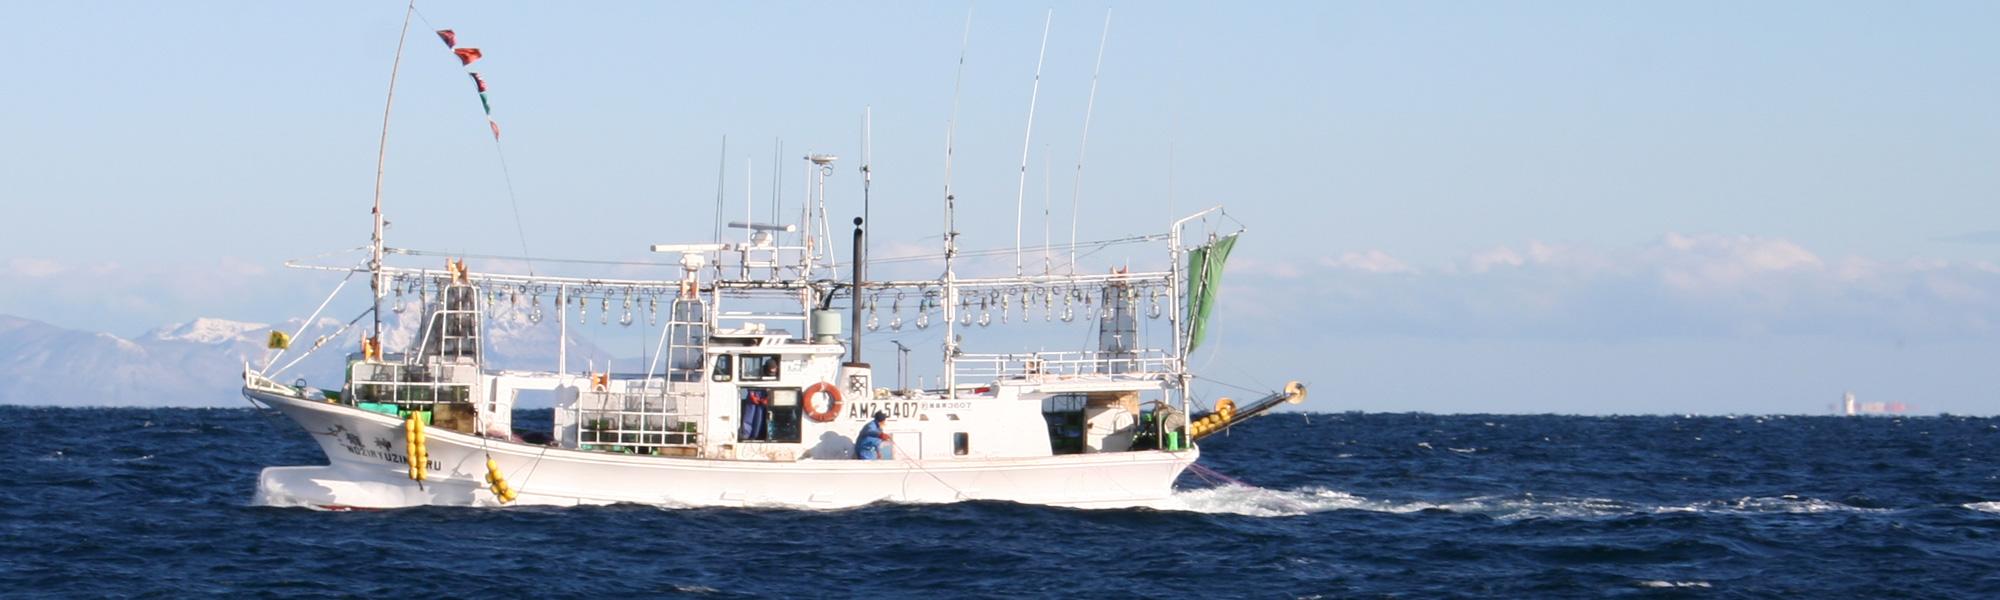 鮟鱇漁の漁船